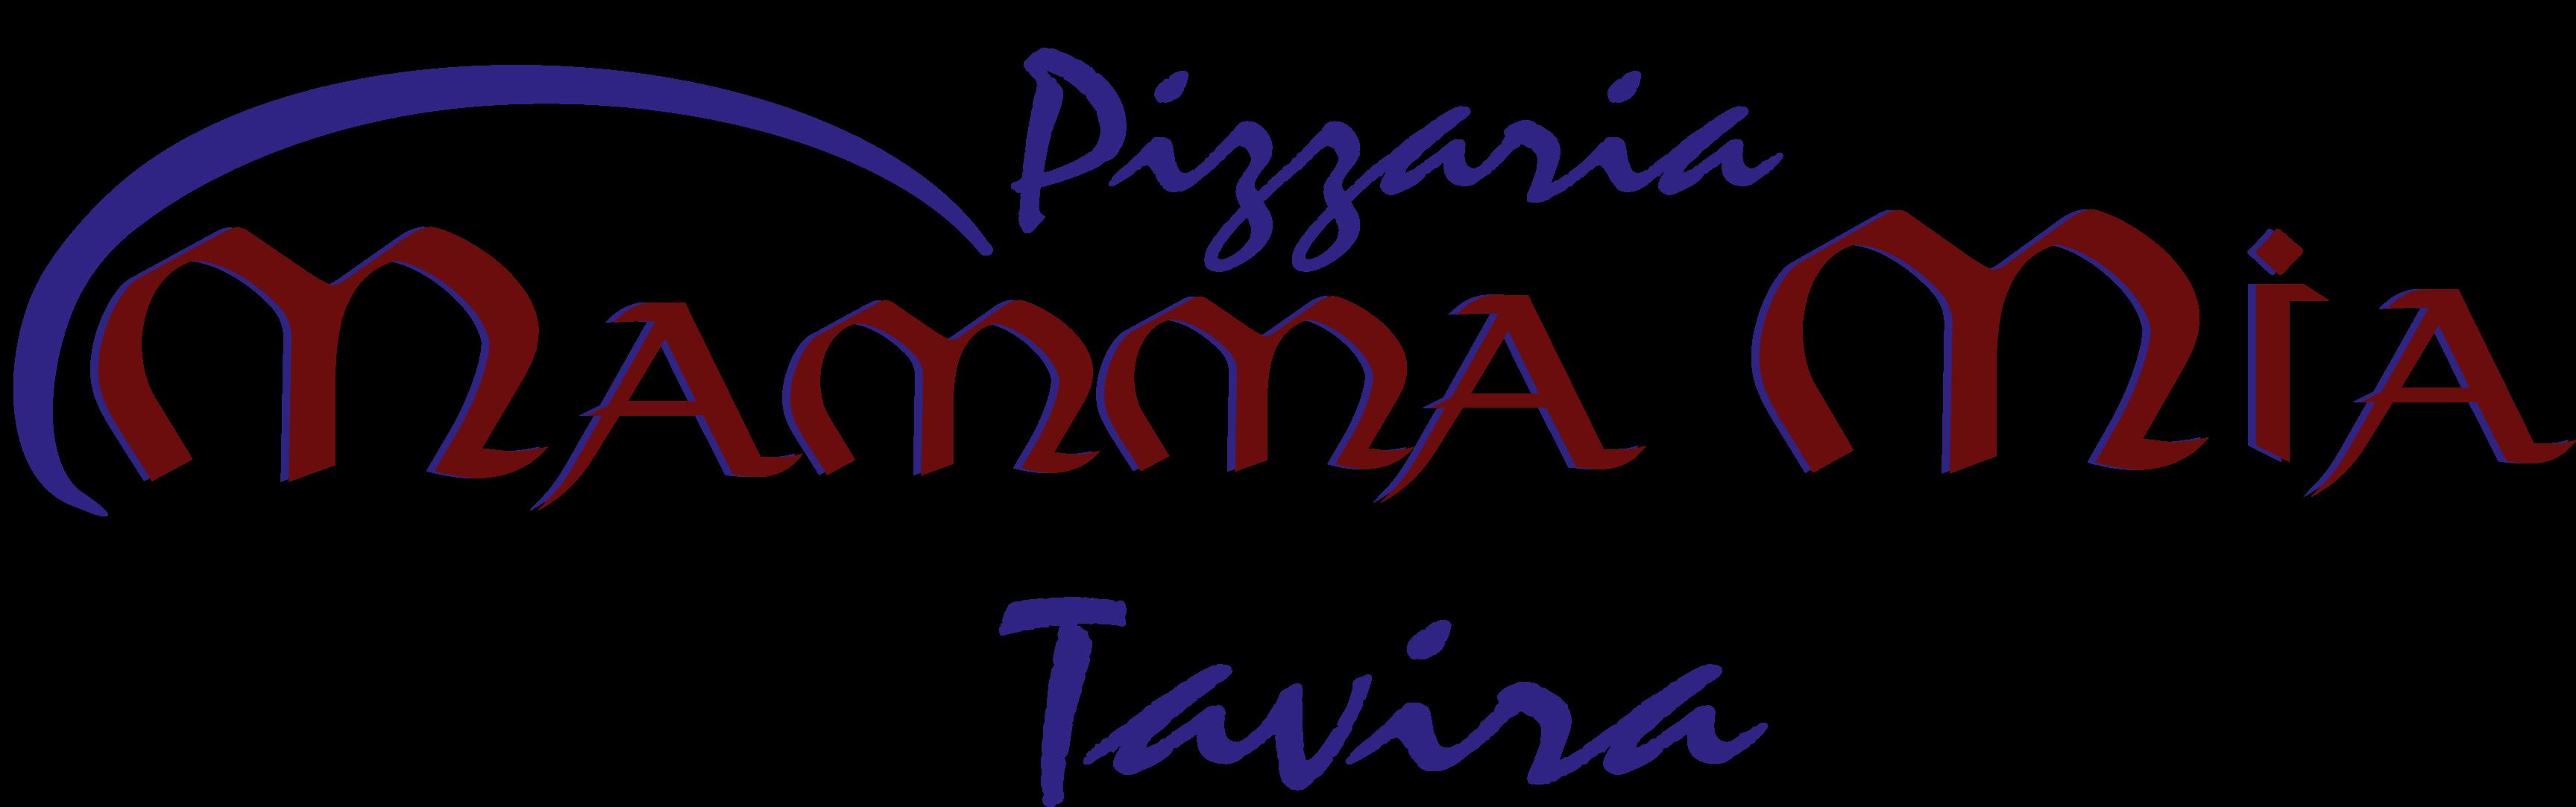 Pizzaria Mamma MiaTavira